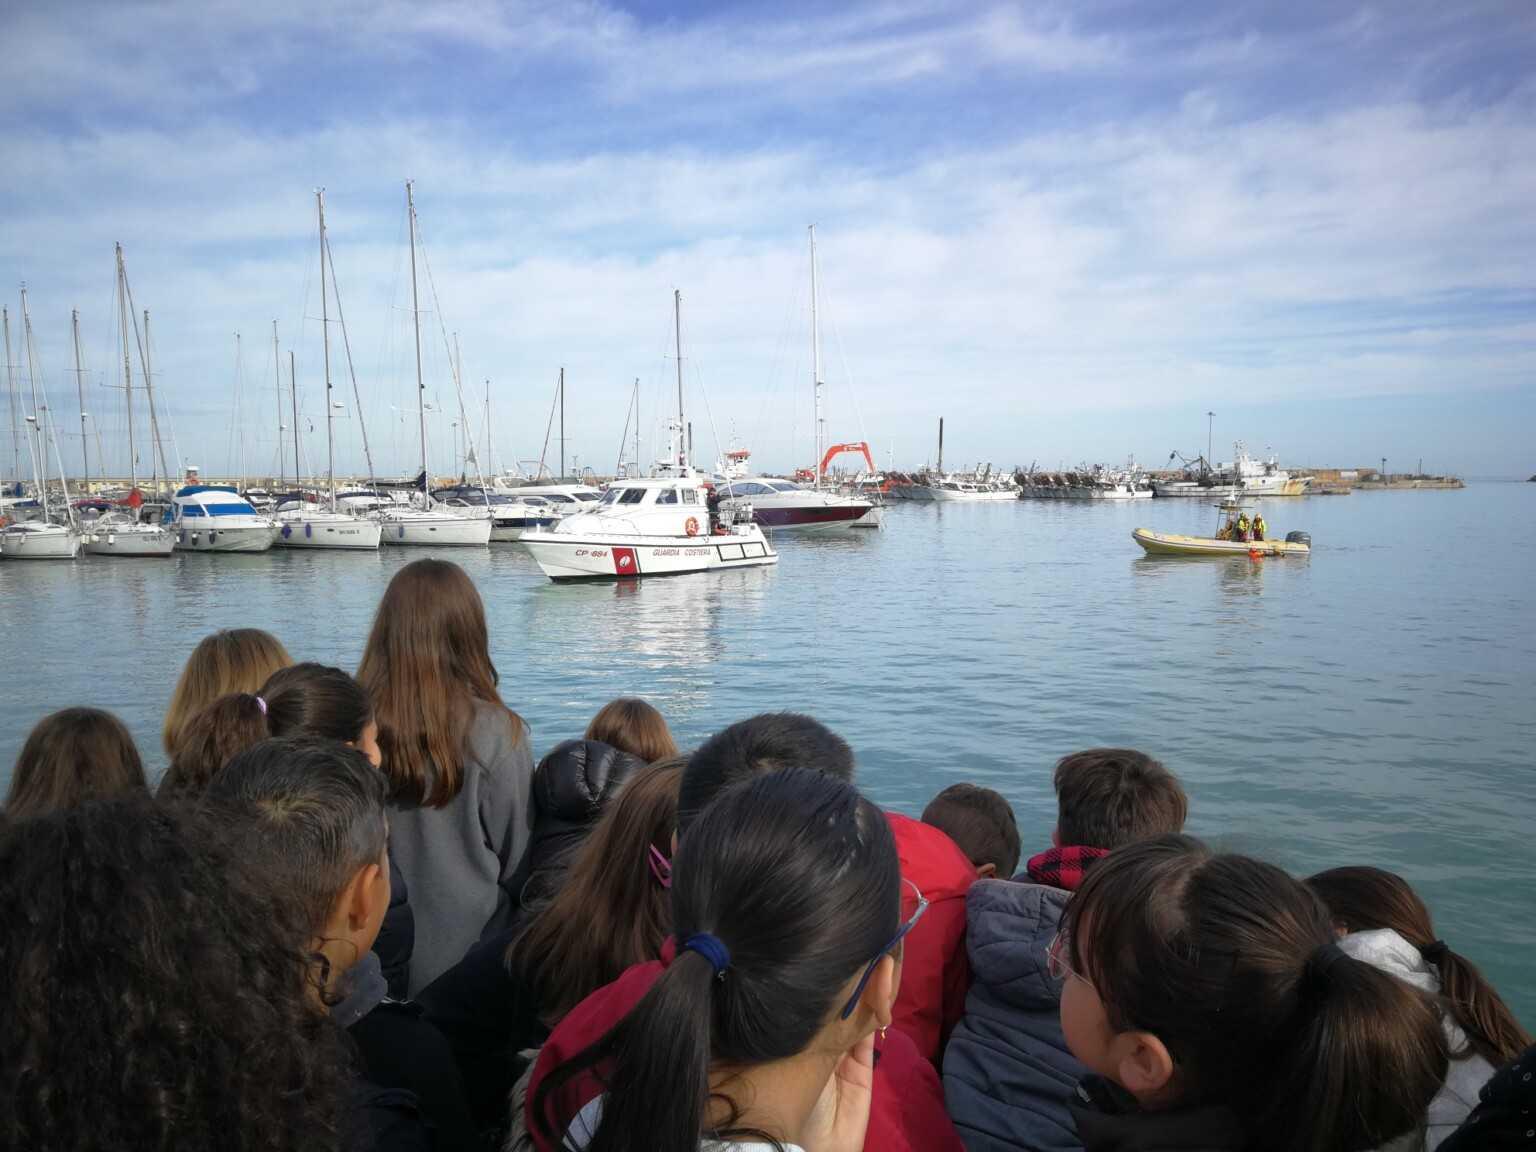 Scuola di Soccorso in mare: Guardia Costiera e Croce Rossa incontrano gli studenti